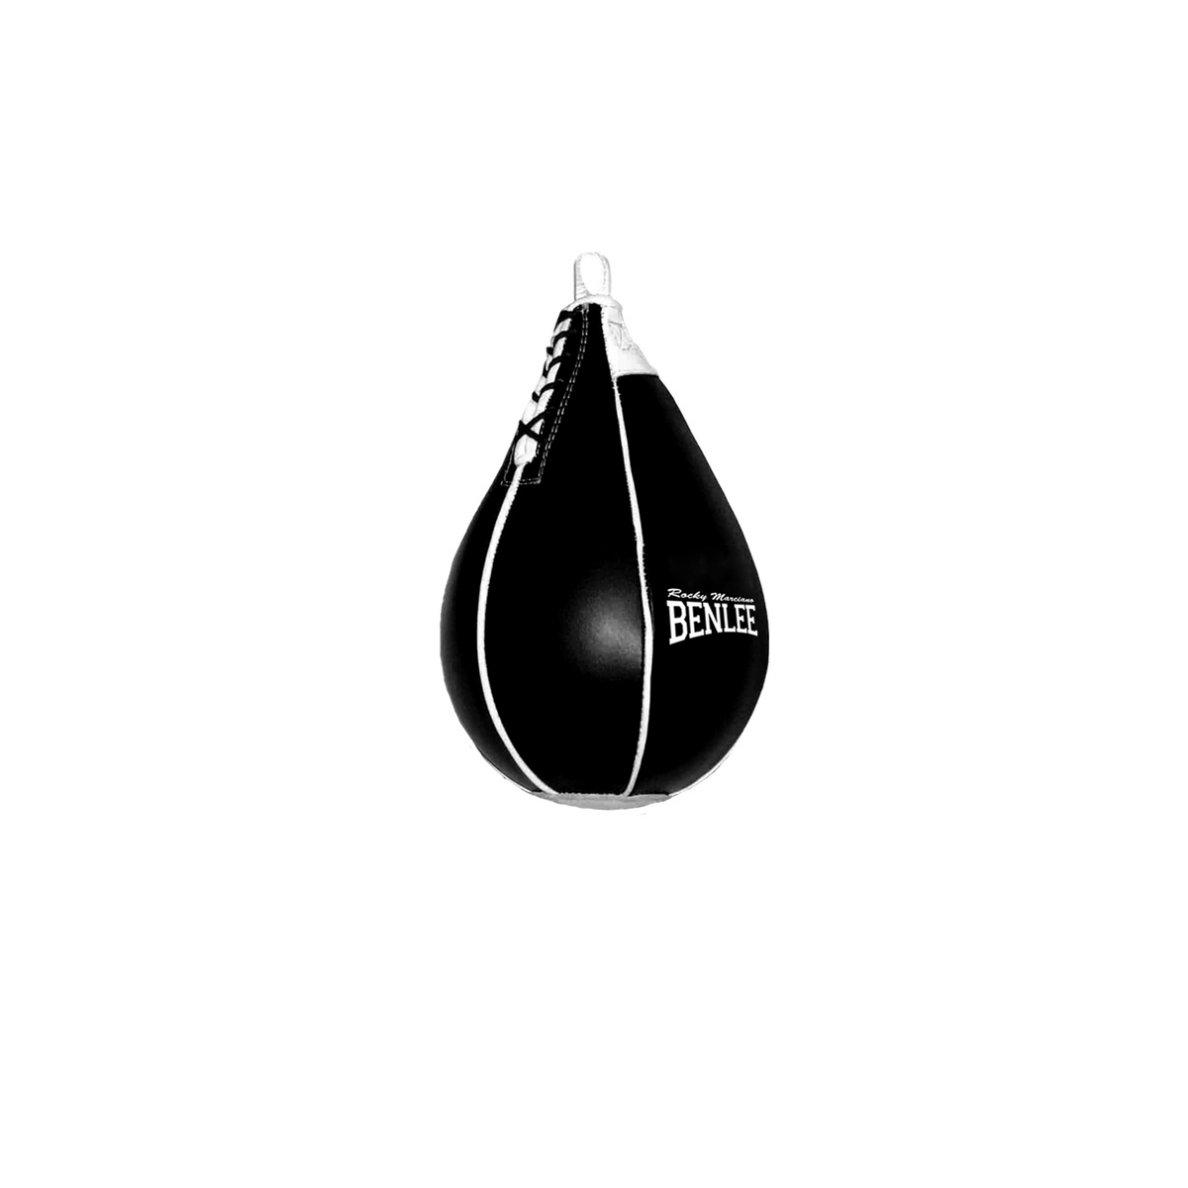 BENLEE Rocky Marciano Punch GmbH - Pera de boxeo 195036-1500